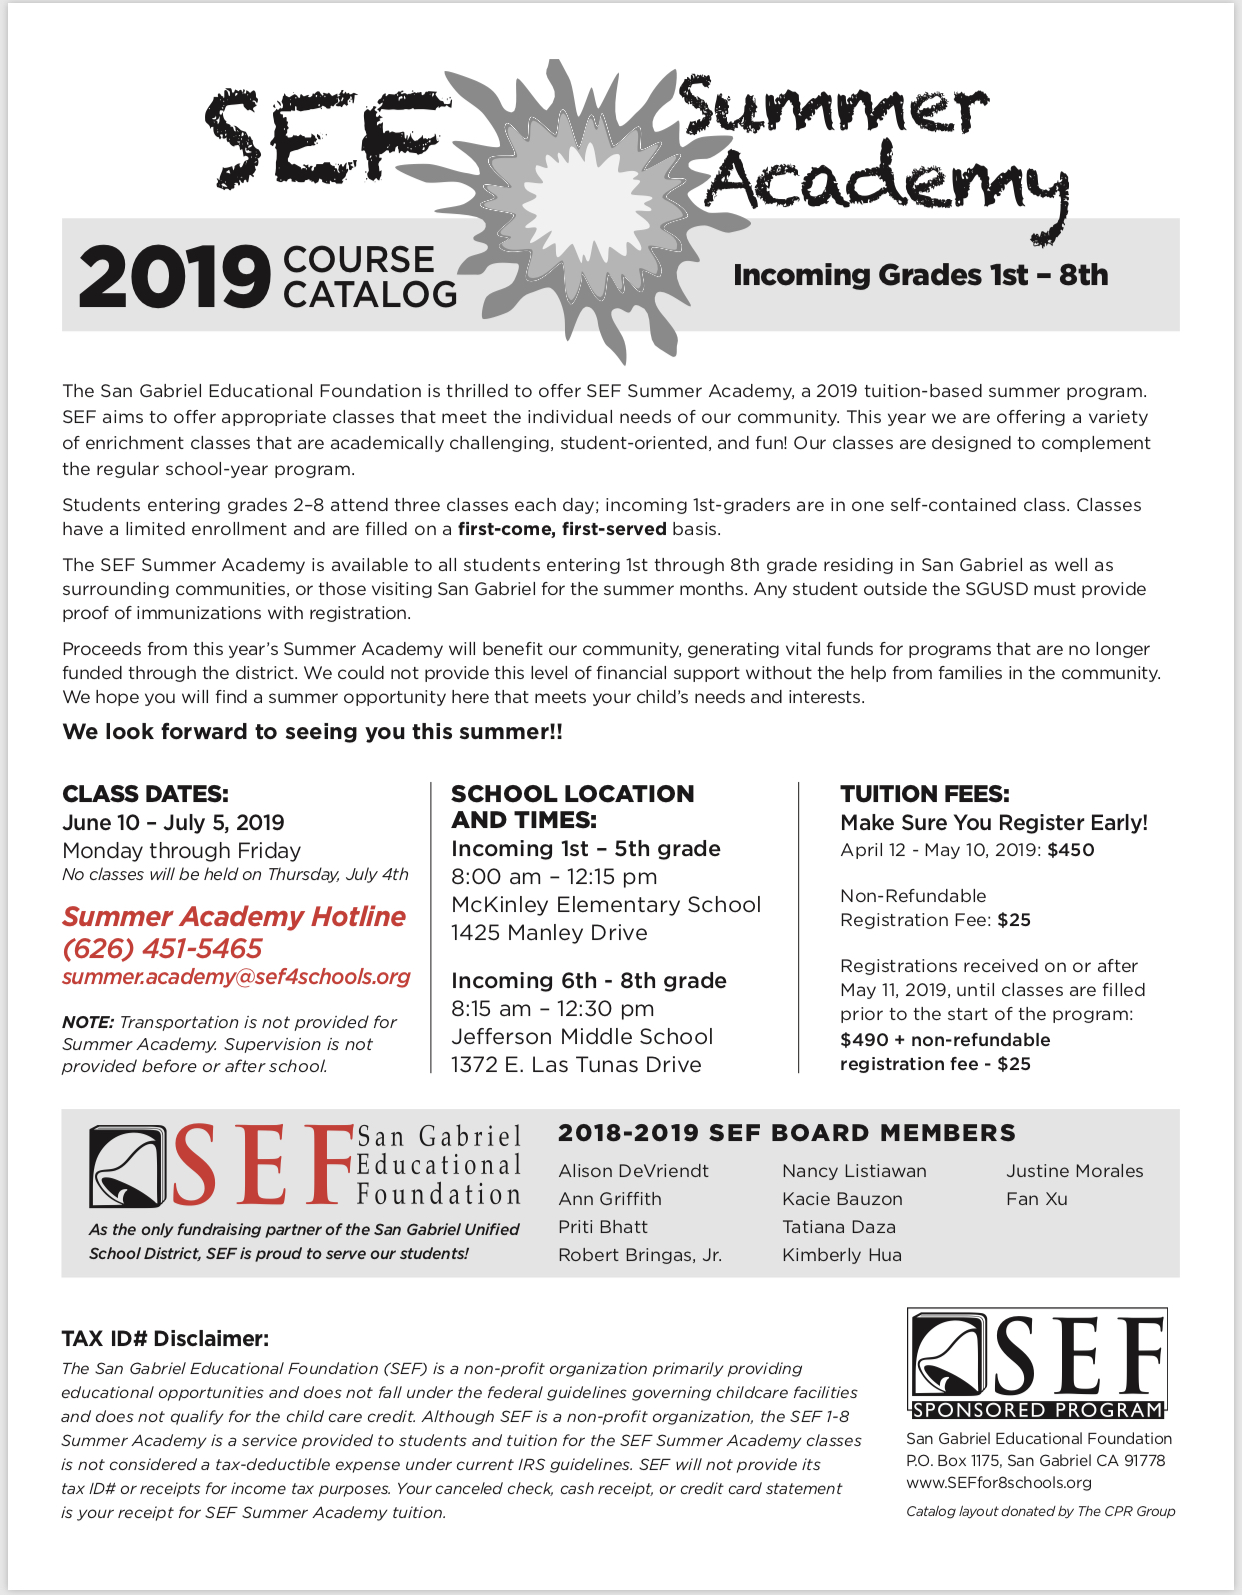 SEF Summer Academy 2019 - San Gabriel Educational Foundation